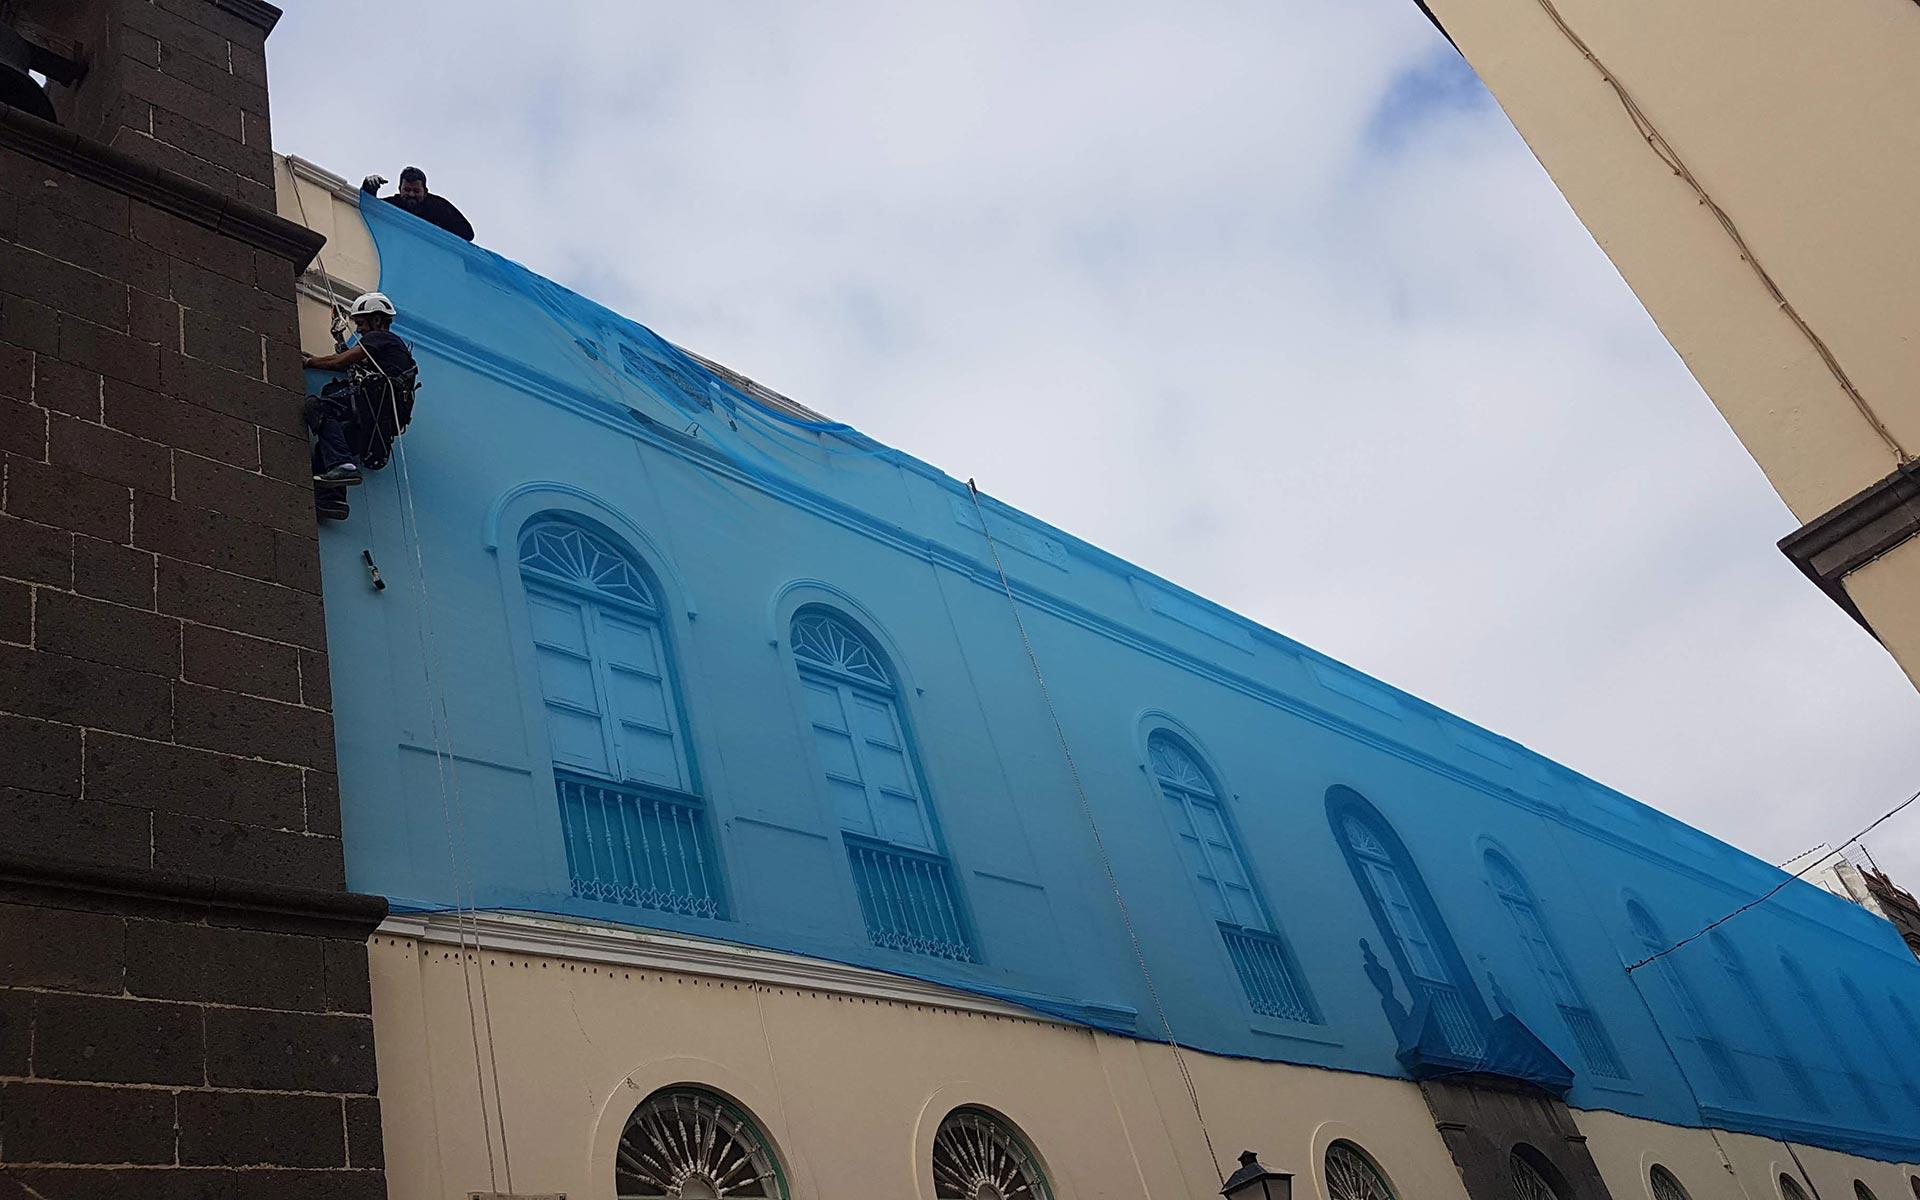 Obra Vertical trabajos verticales en Las Palmas. Instalación y mantenimiento de redes anticascotes para fachadas en las palmas.